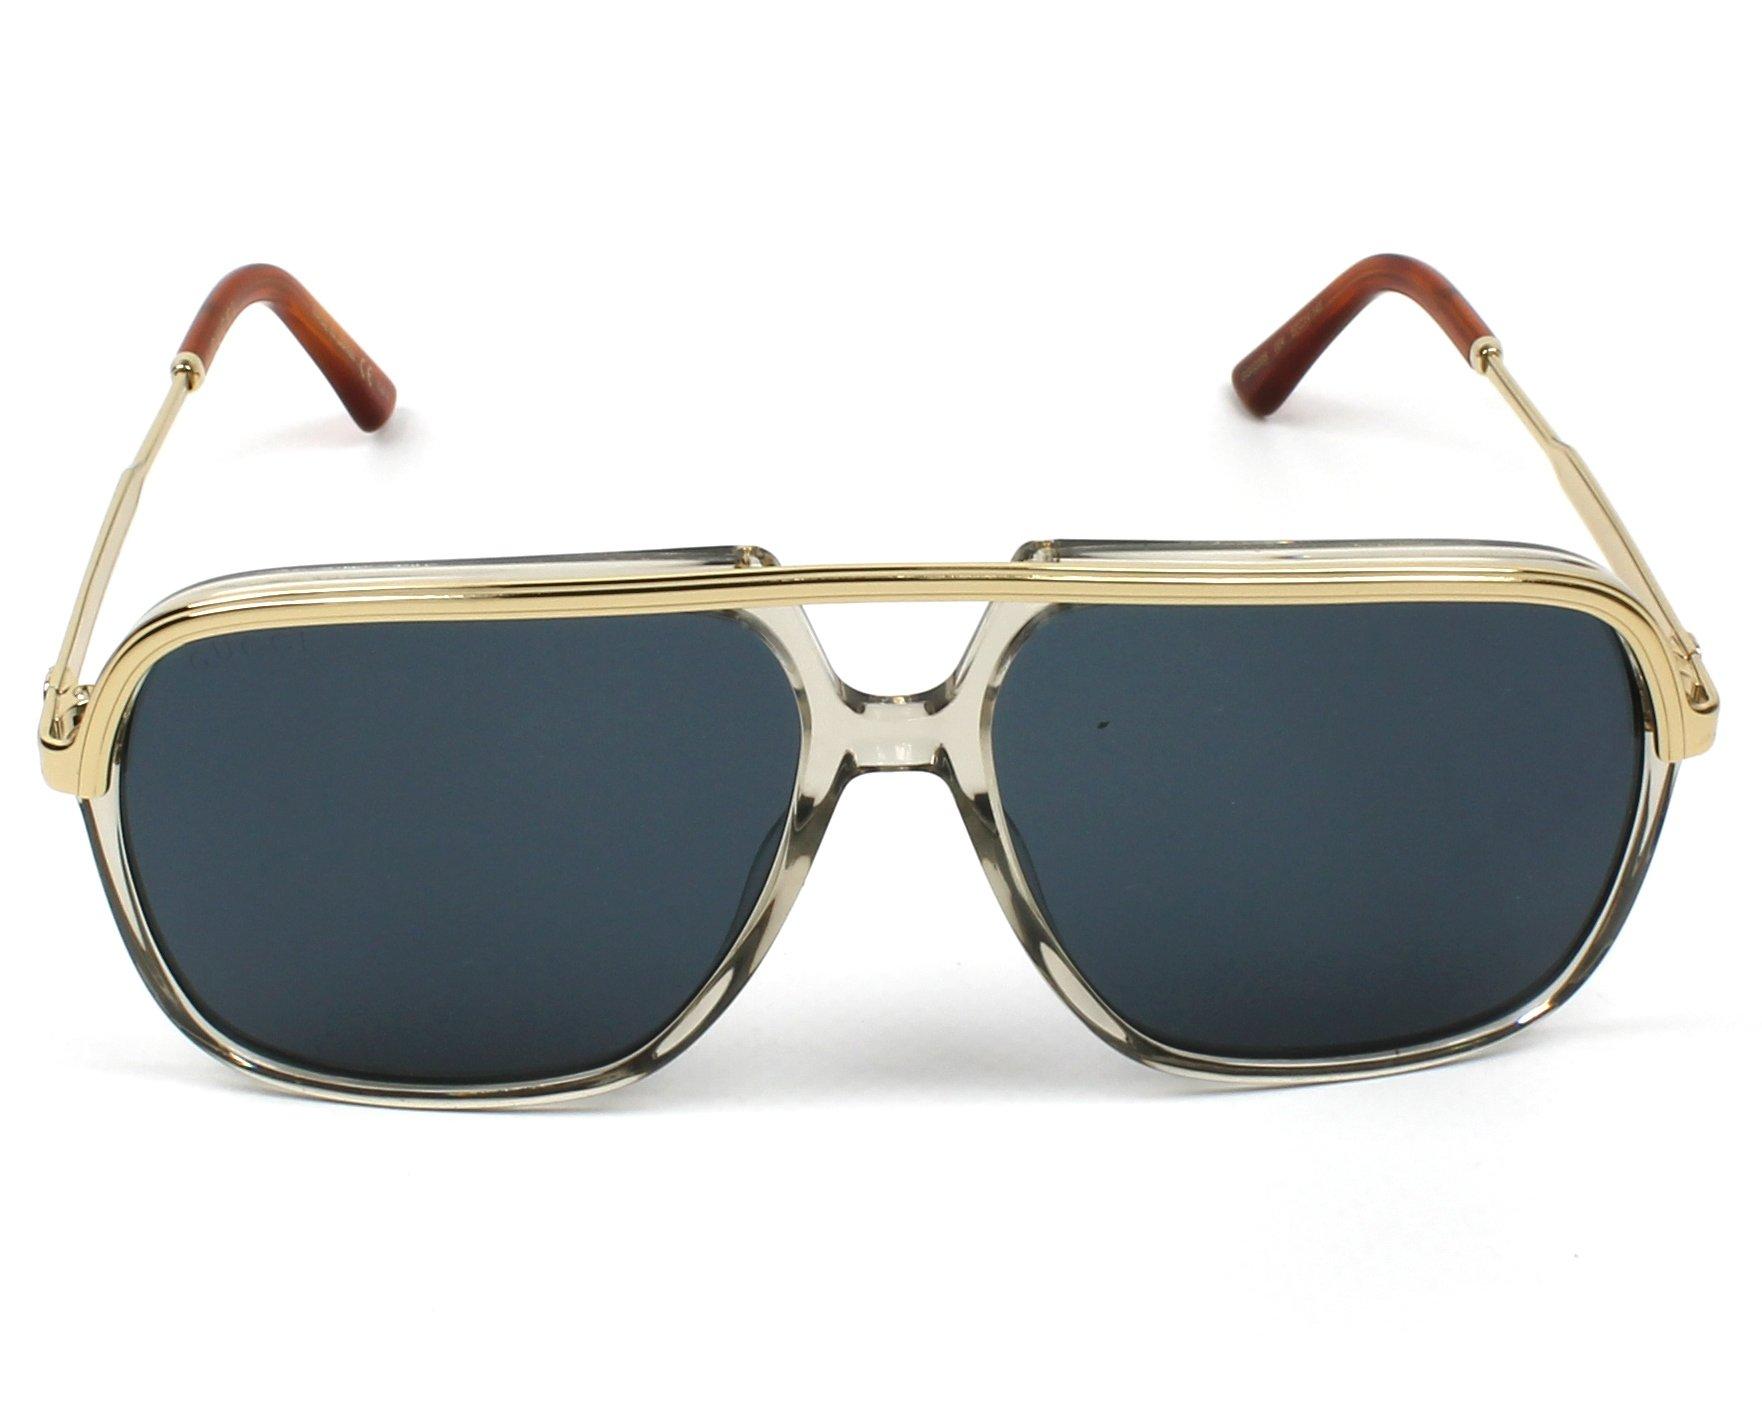 5c2a737a61 Gucci Women s Sunglasses Model Gg0062s 004